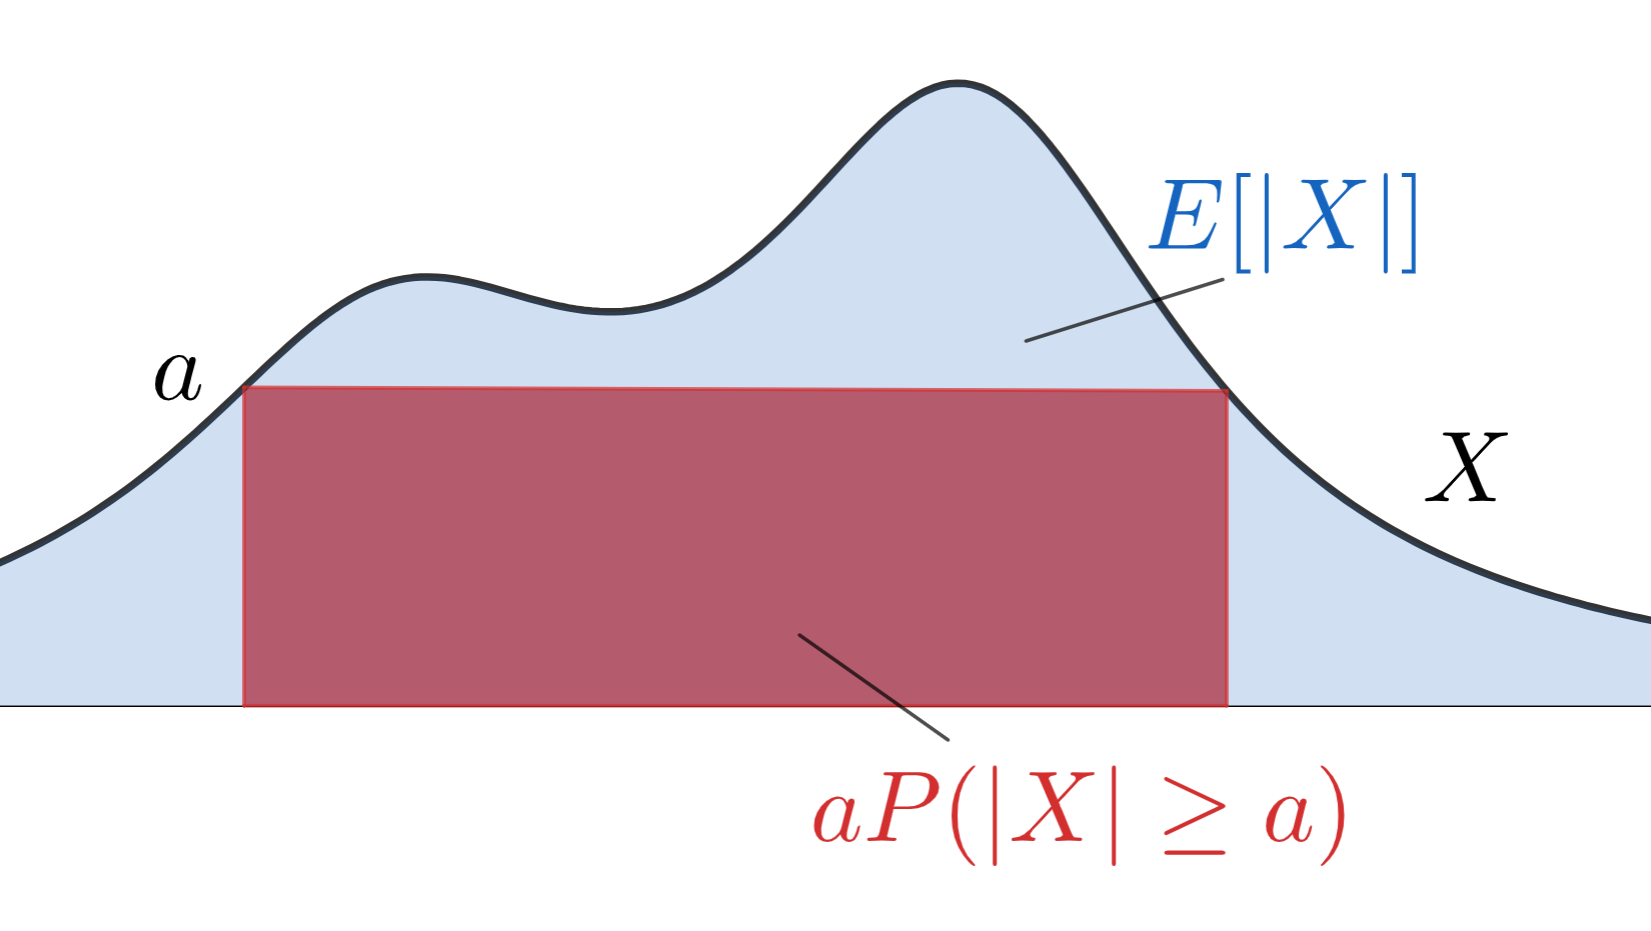 マルコフの不等式とその証明をわかりやすく厳密に